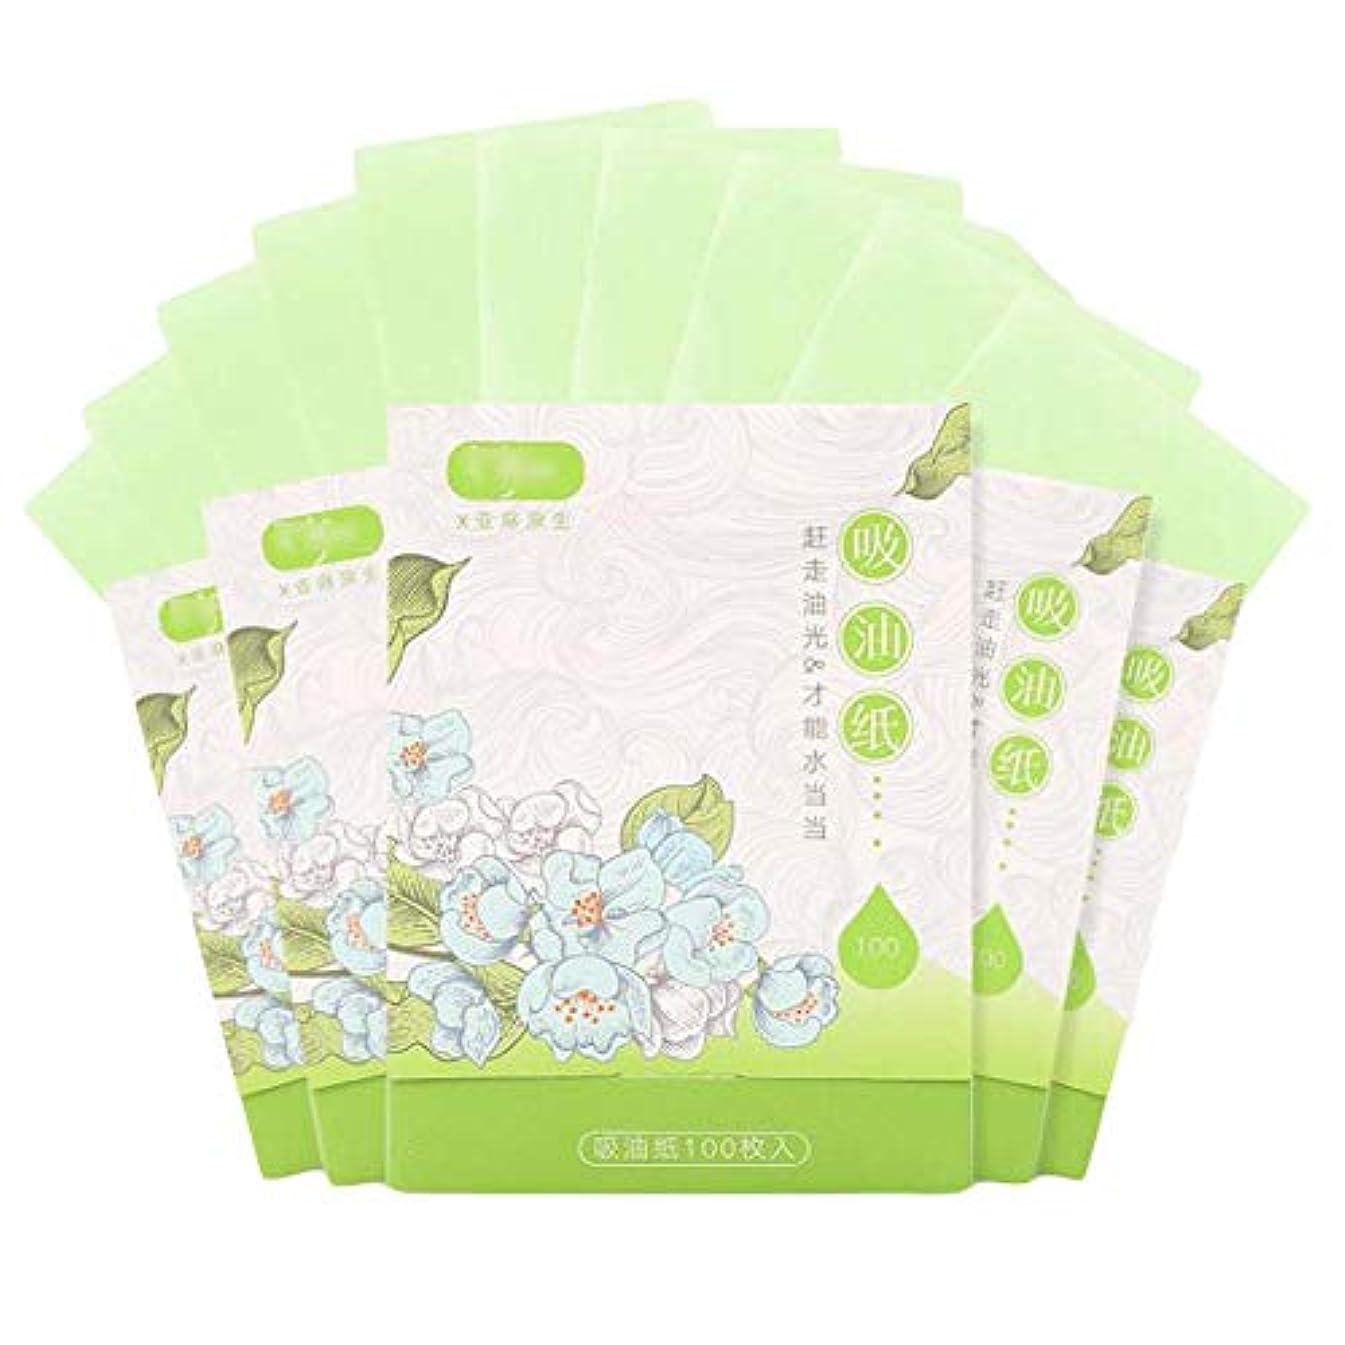 ミニパレードゆでる人および女性のための携帯用顔オイルブロッティング紙、緑500枚のシート